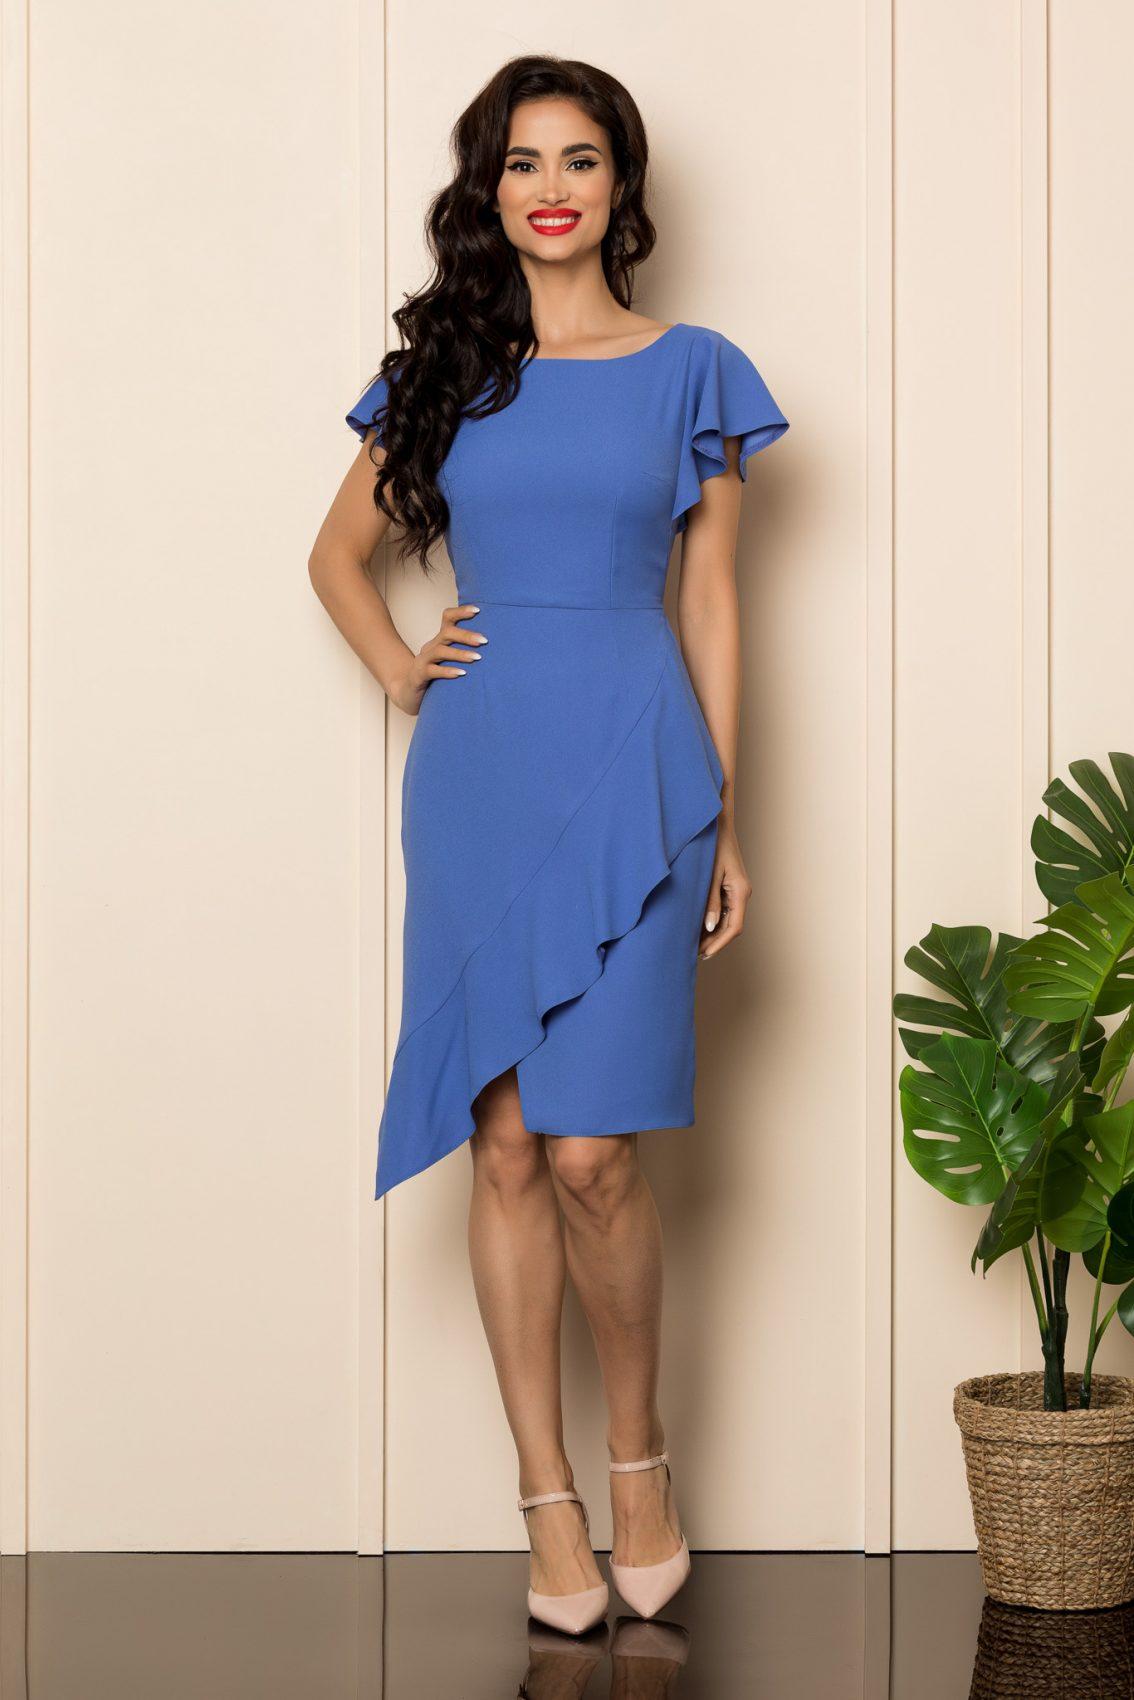 Μπλε Φόρεμα Με Βολάν Everly A452 1